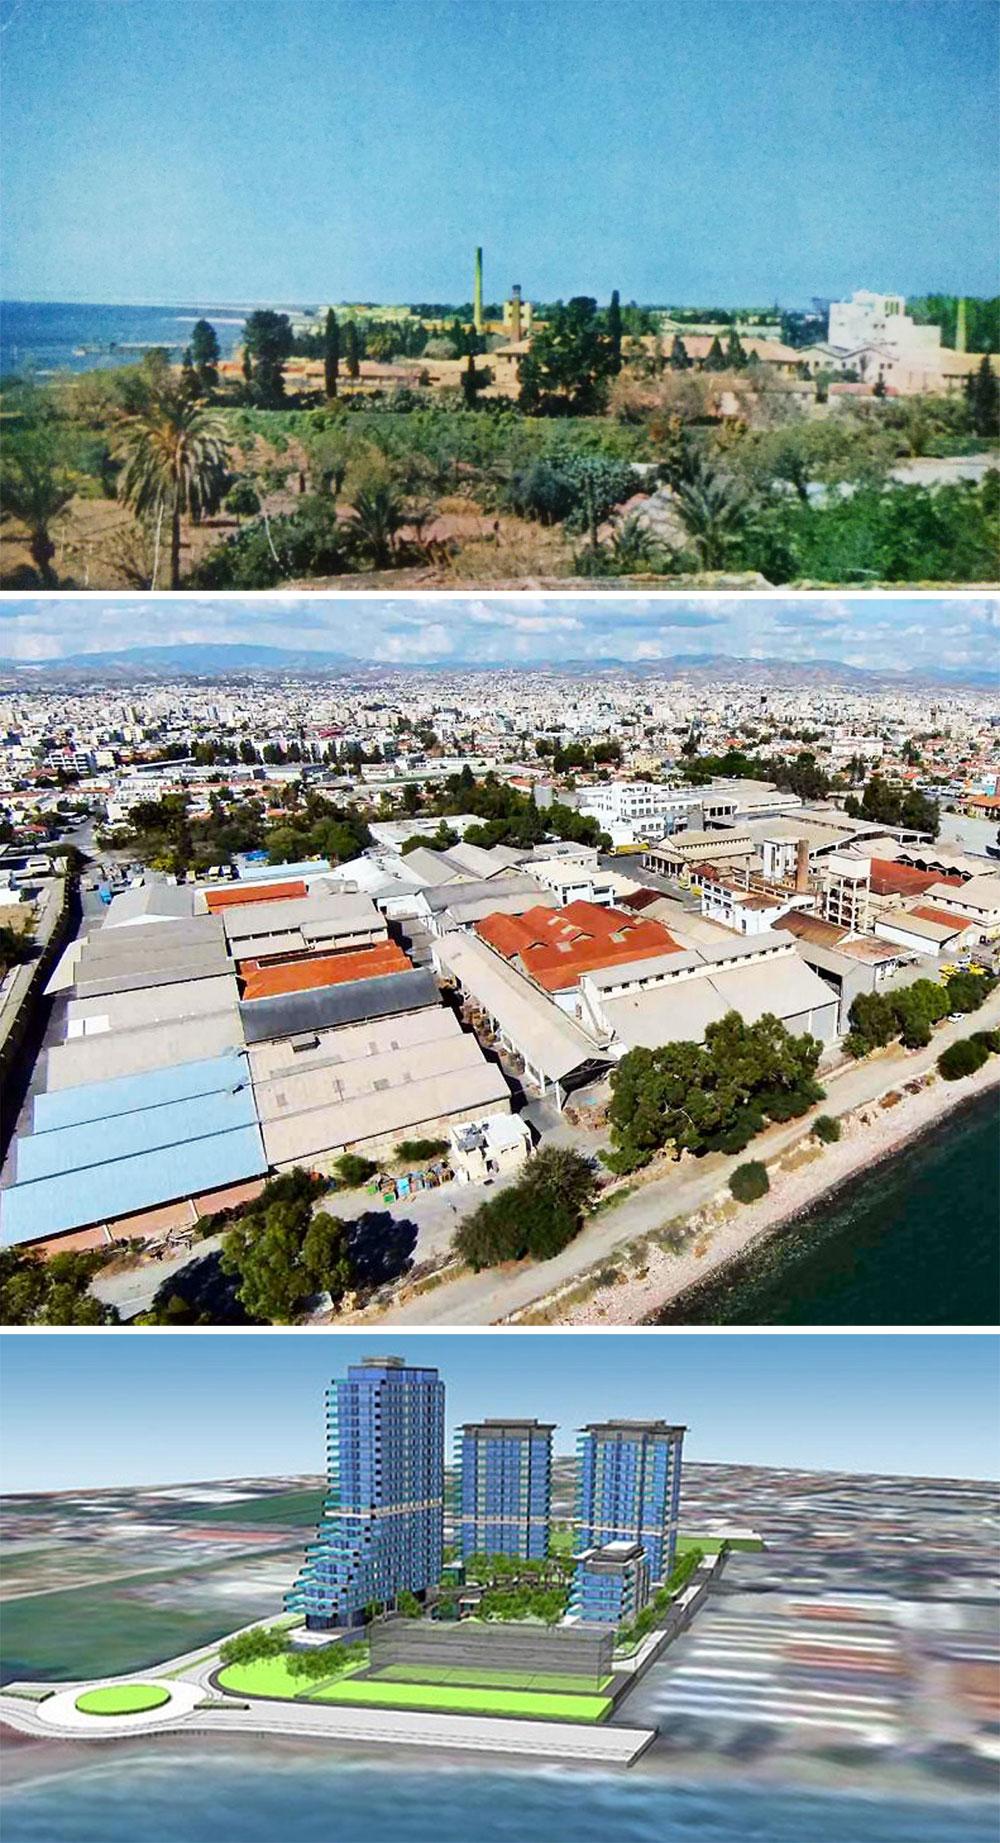 Η περιοχή δυτικά του παλαιού λιμανιού στη Λεμεσό. Καρτ ποστάλ από τις αρχές του προηγούμενου αιώνα / η περιοχή όπως είναι σήμερα / και το πώς οι επιχειρηματίες ανάπτυξης γης οραματίζονται την περιοχή, © Φωτογραφίες από το διαδίκτυο